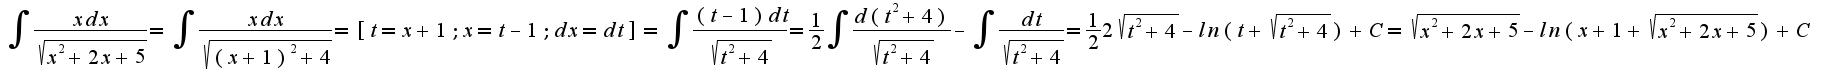 $ \int_{}{}{\frac{xdx}{\sqrt{x^2+2x+5}}} = \int_{}{}{\frac{xdx}{\sqrt{(x+1)^2+4}}} = [t=x+1;  x=t-1;  dx=dt] = \int_{}{}{\frac{(t-1)dt}{\sqrt{t^2+4}}} = \frac{1}{2} \int_{}{}{\frac{d(t^2+4)}{\sqrt{t^2+4}}} - \int_{}{}{\frac{dt}{\sqrt{t^2+4}}}= \frac{1}{2}2\sqrt{t^2+4} -ln(t+\sqrt{t^2+4})+C= \sqrt{x^2+2x+5}-ln(x+1+\sqrt{x^2+2x+5})+C$